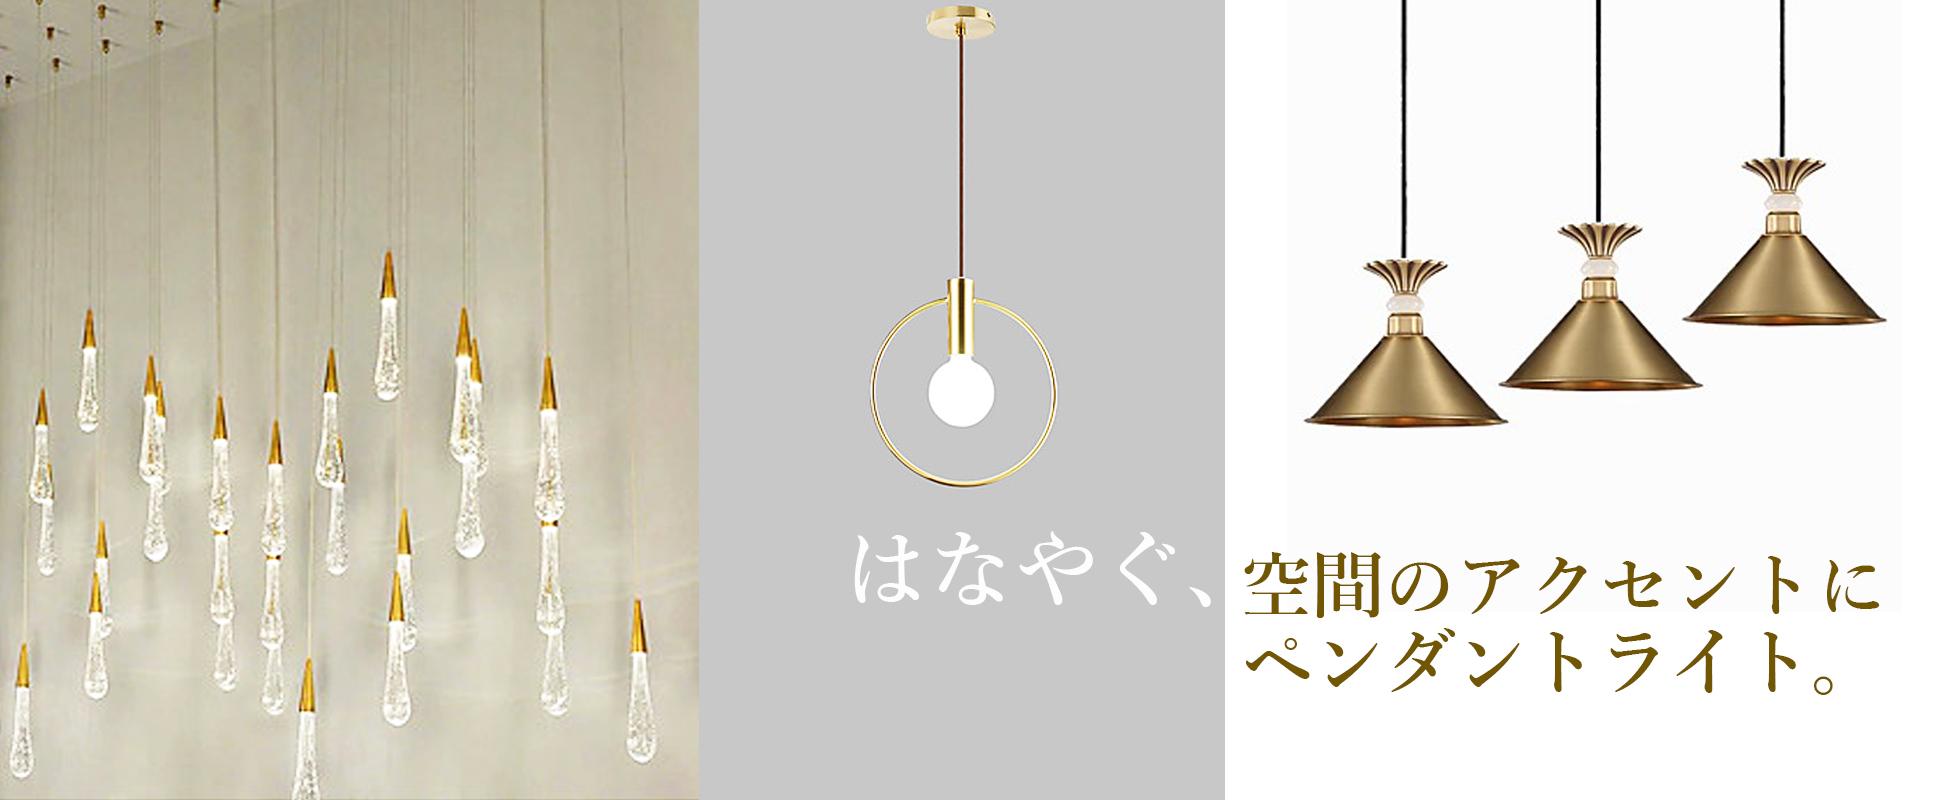 業者販売・ペンダントライト照明の写真